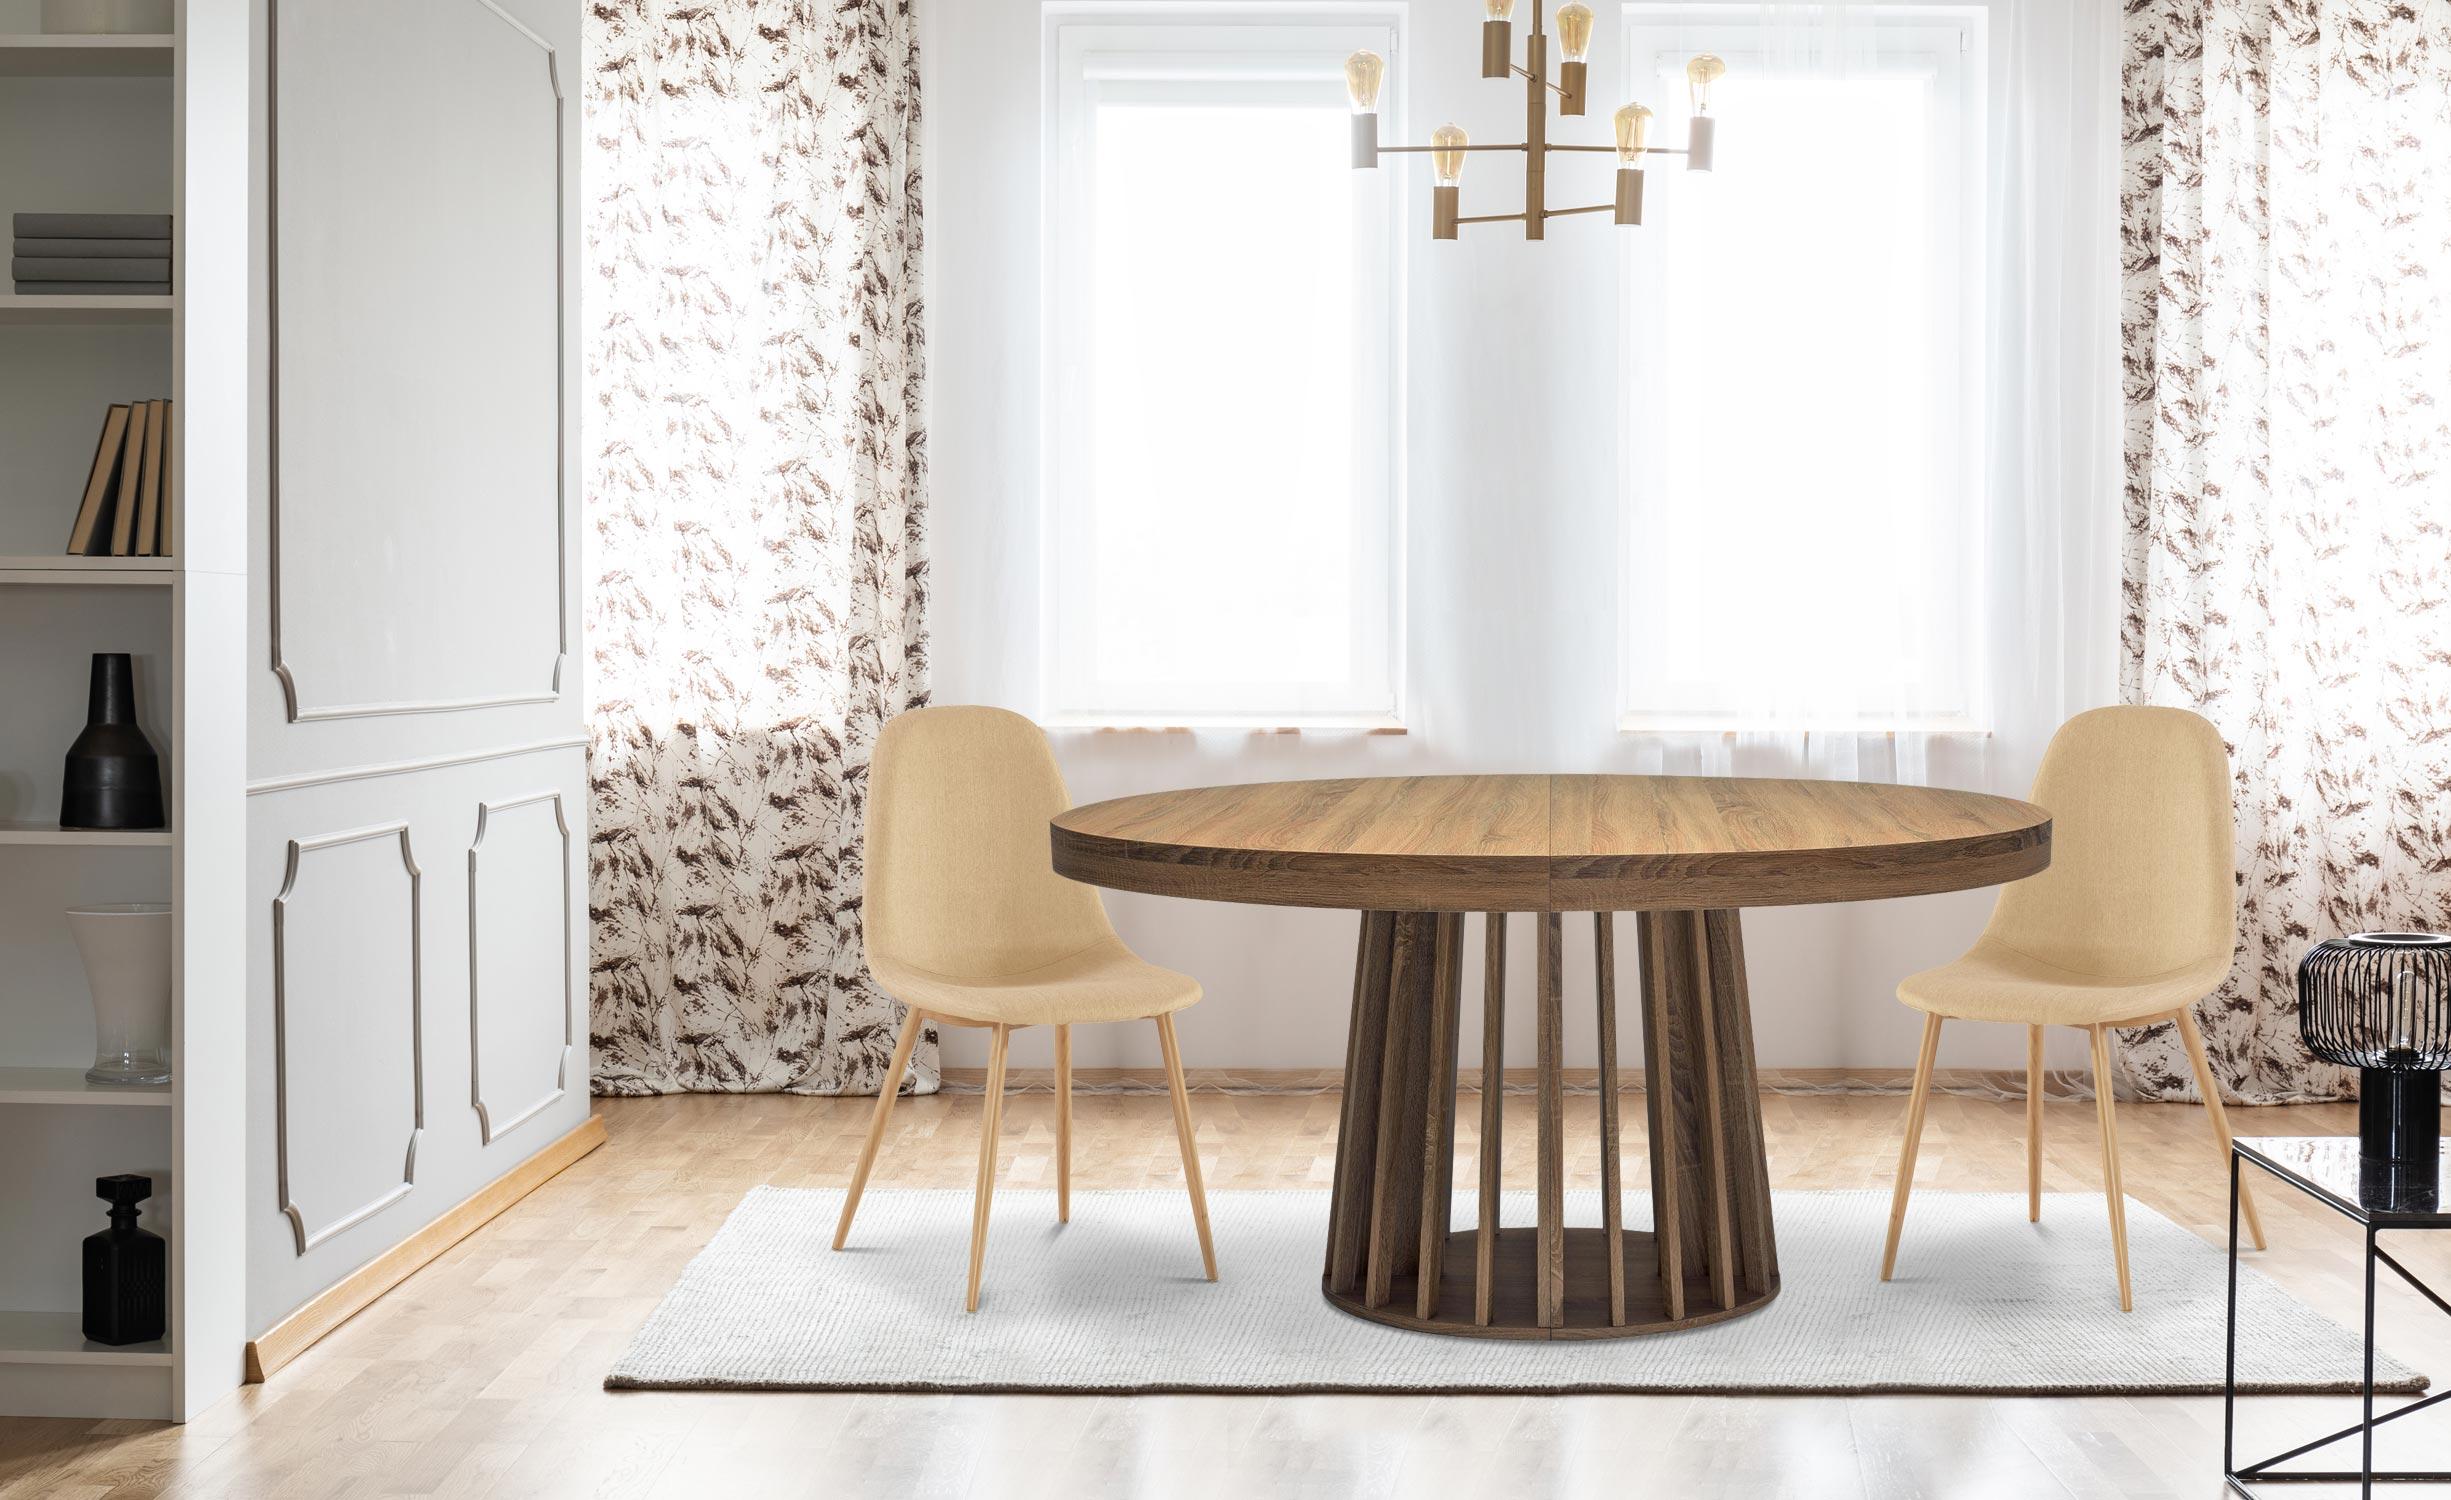 Eliza uitschuifbare ovale tafel Hazelnoot hout